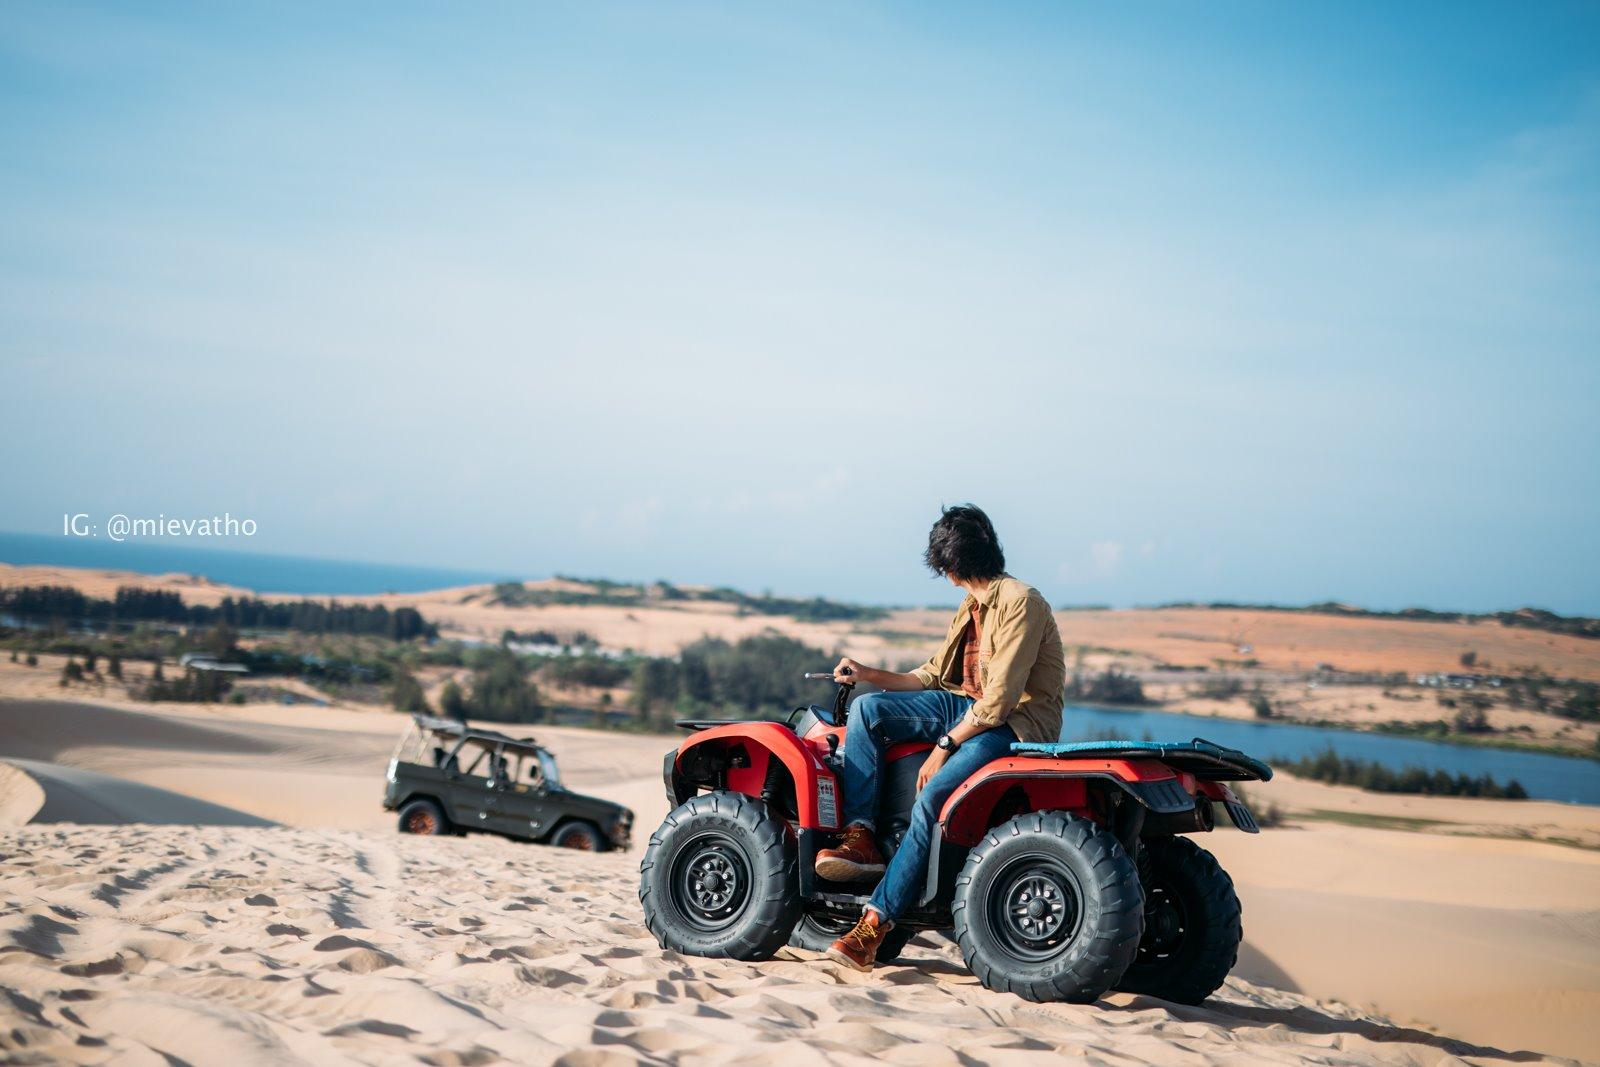 """Đến Bàu Trắng Bình Thuận, khám phá """"tiểu Sahara"""" ấn tượng của dải đất miền Trung  - Ảnh 12."""